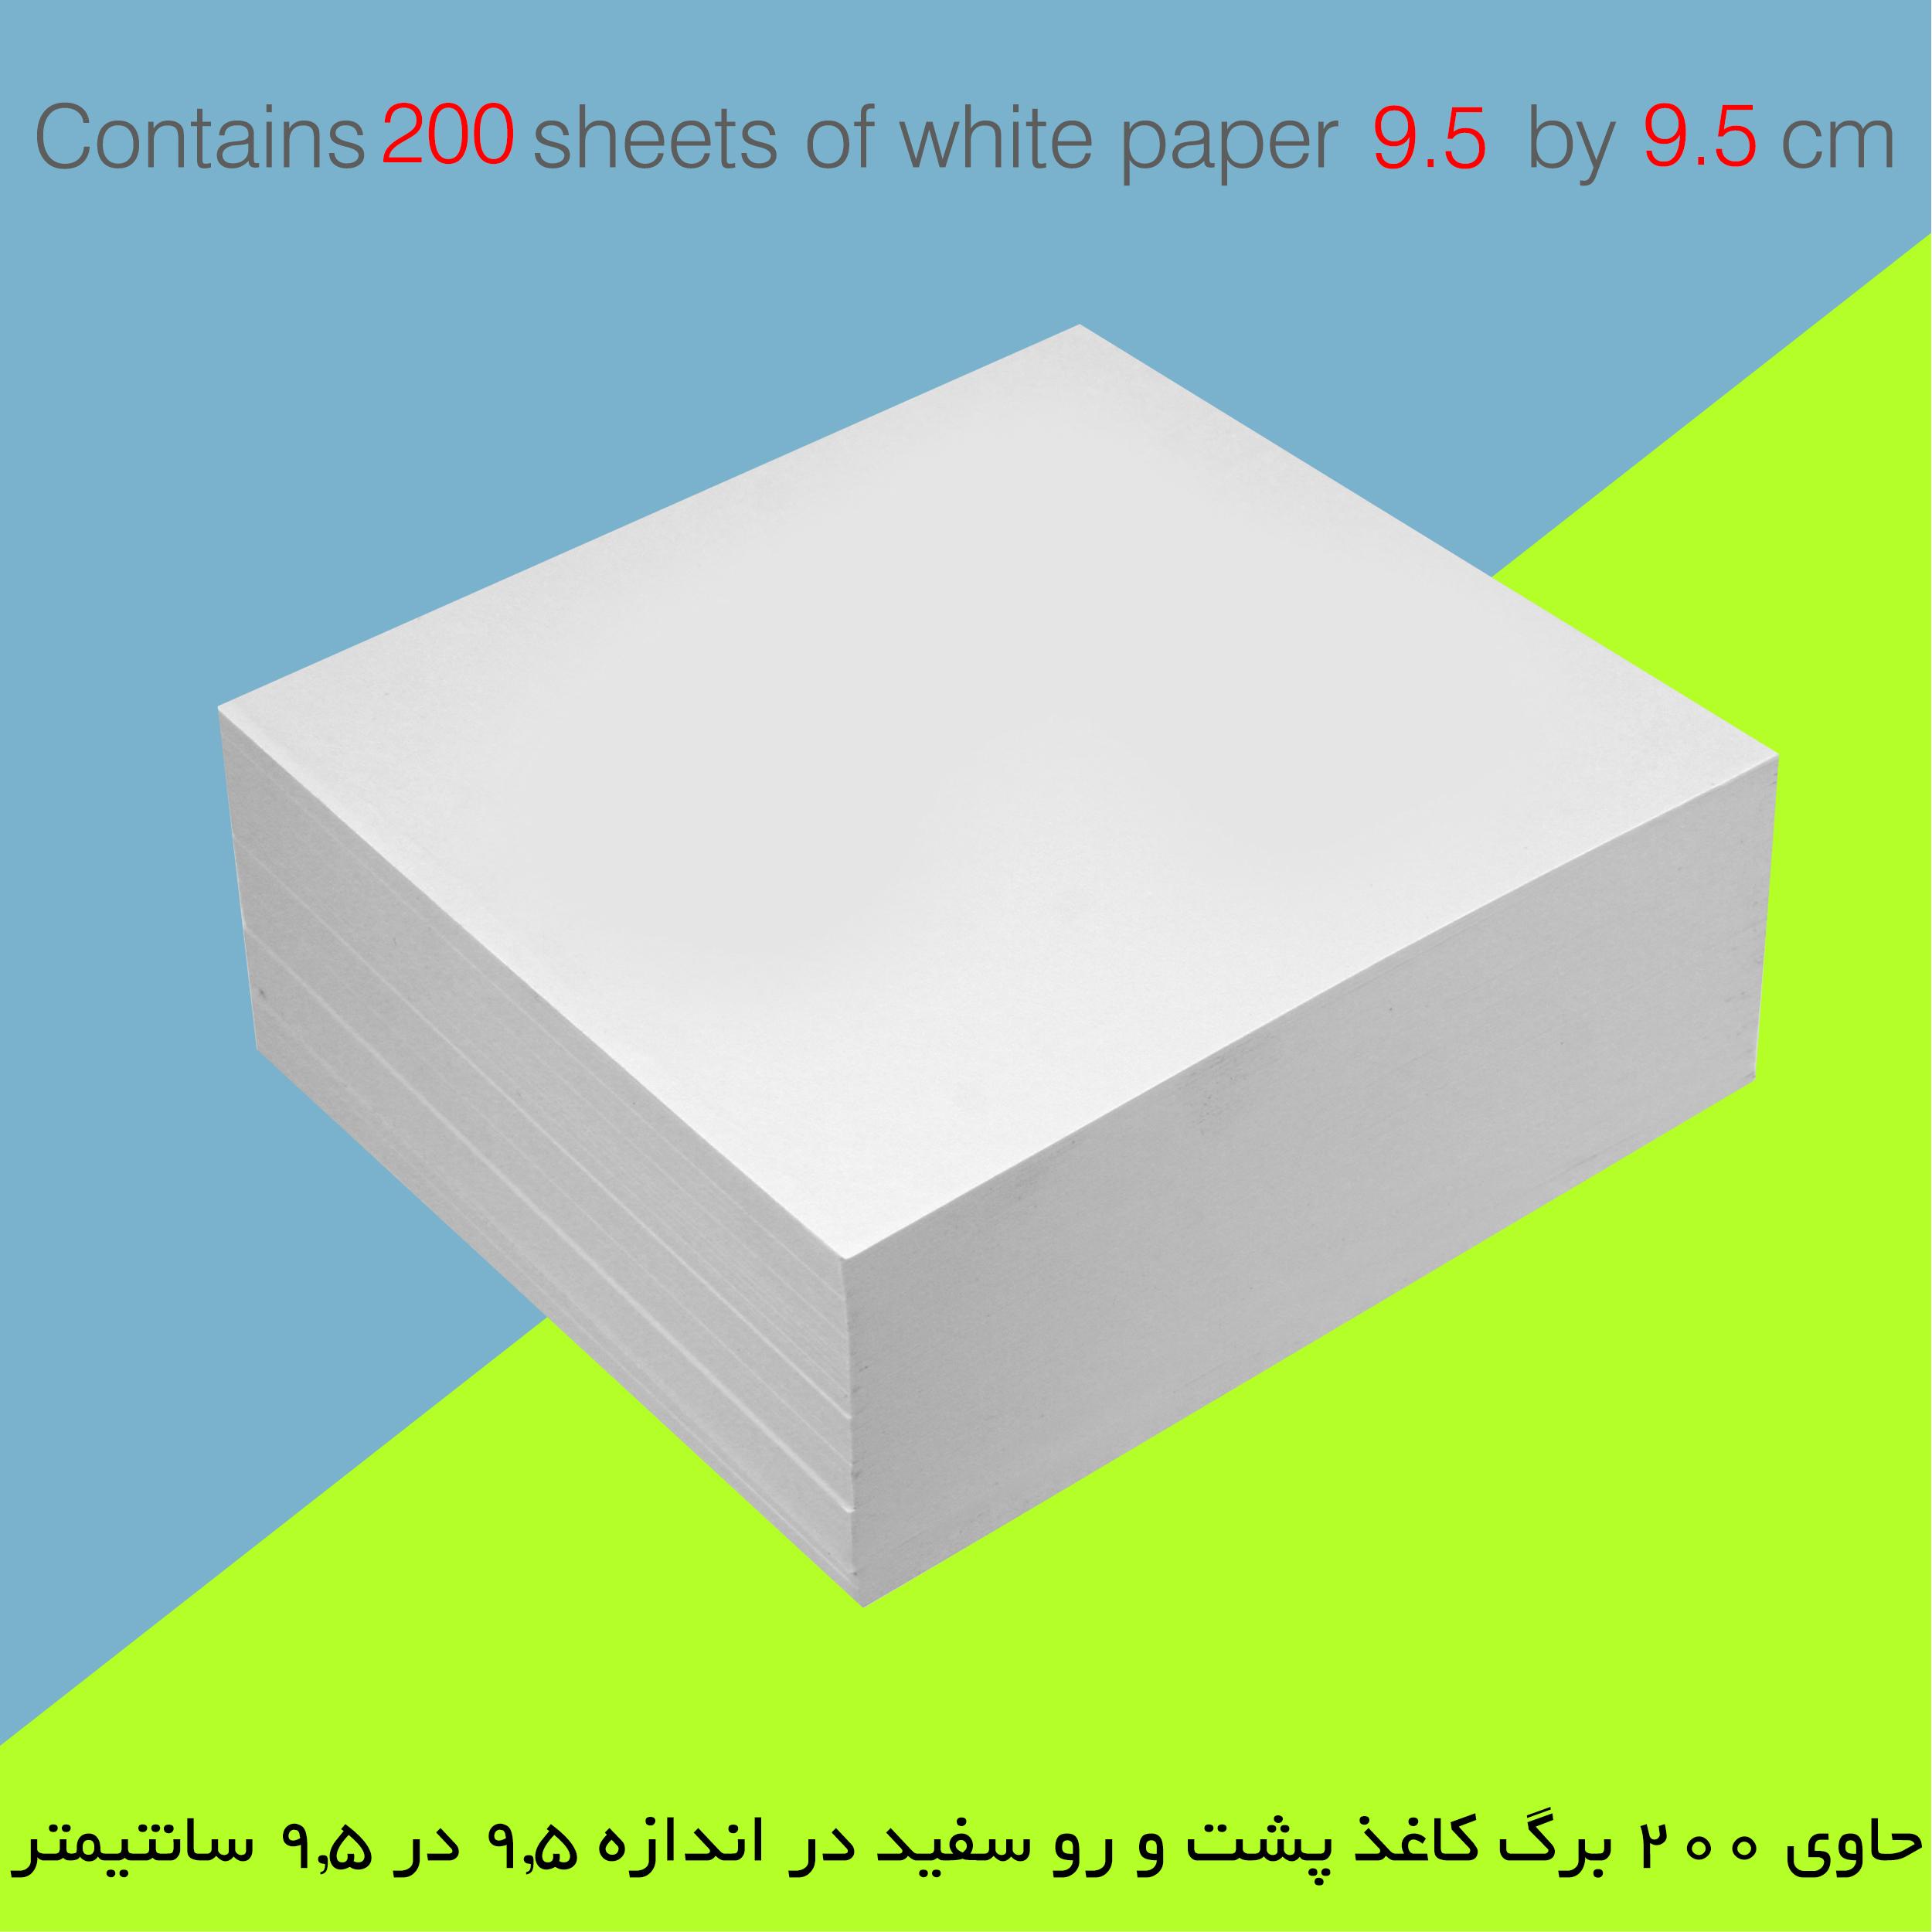 کاغذ یادداشت FG مدل کیم کد W-1387 بسته 200 عددی